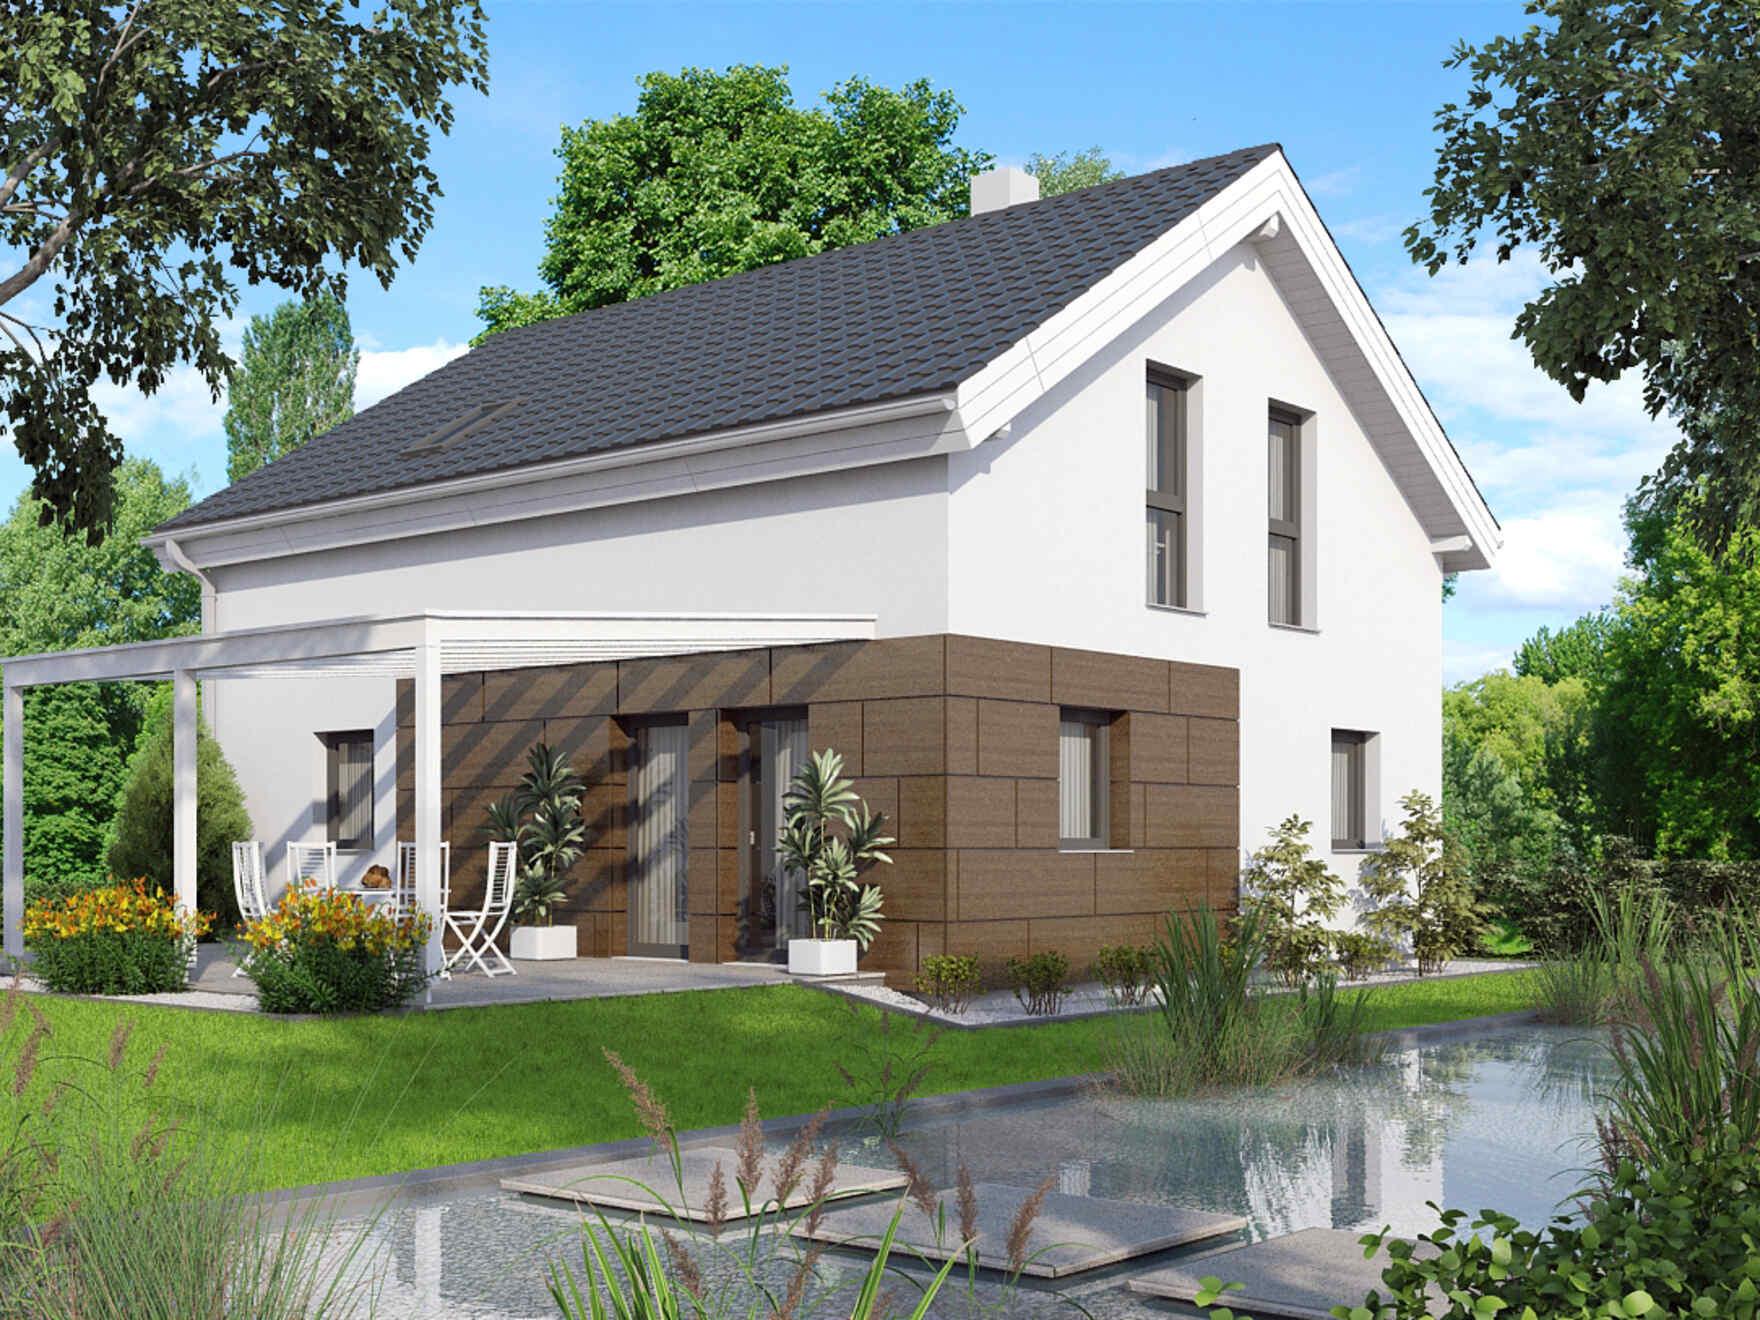 Preisliste Vario-Haus Für Österreich | Vario-Haus Fertigteilhäuser